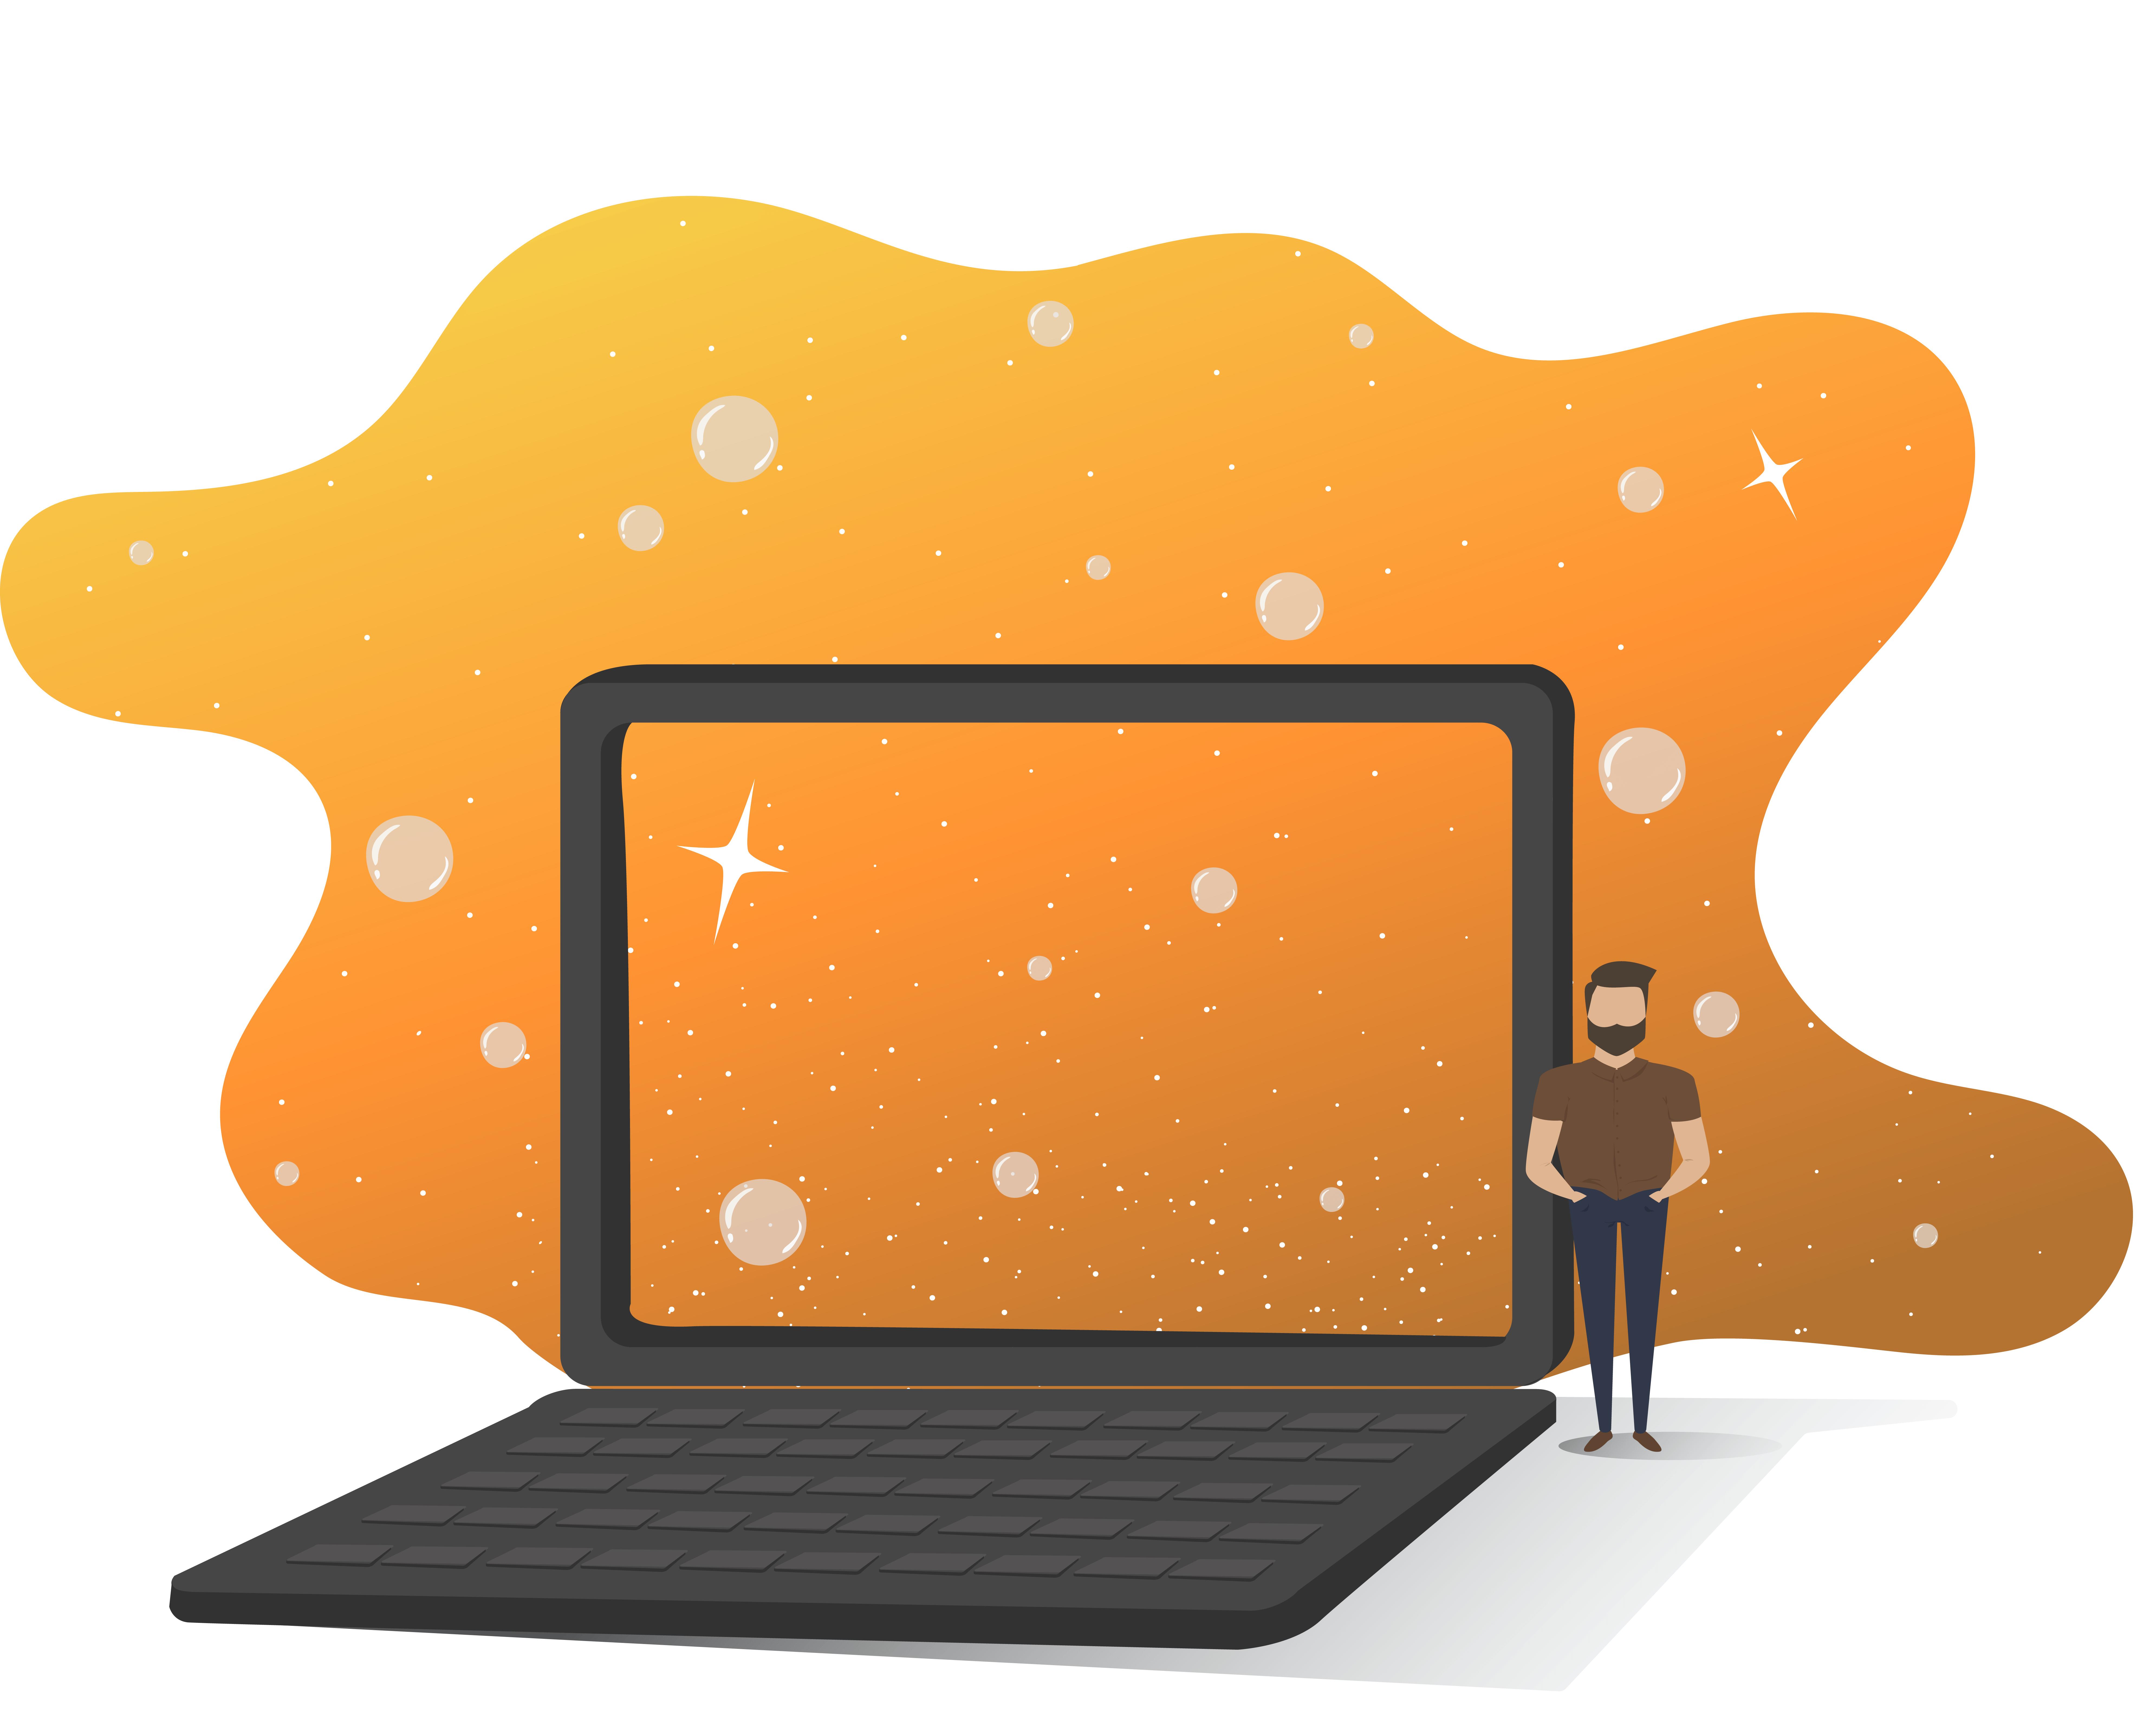 Så meget kan du reelt bruge dit online marketingværktøj til